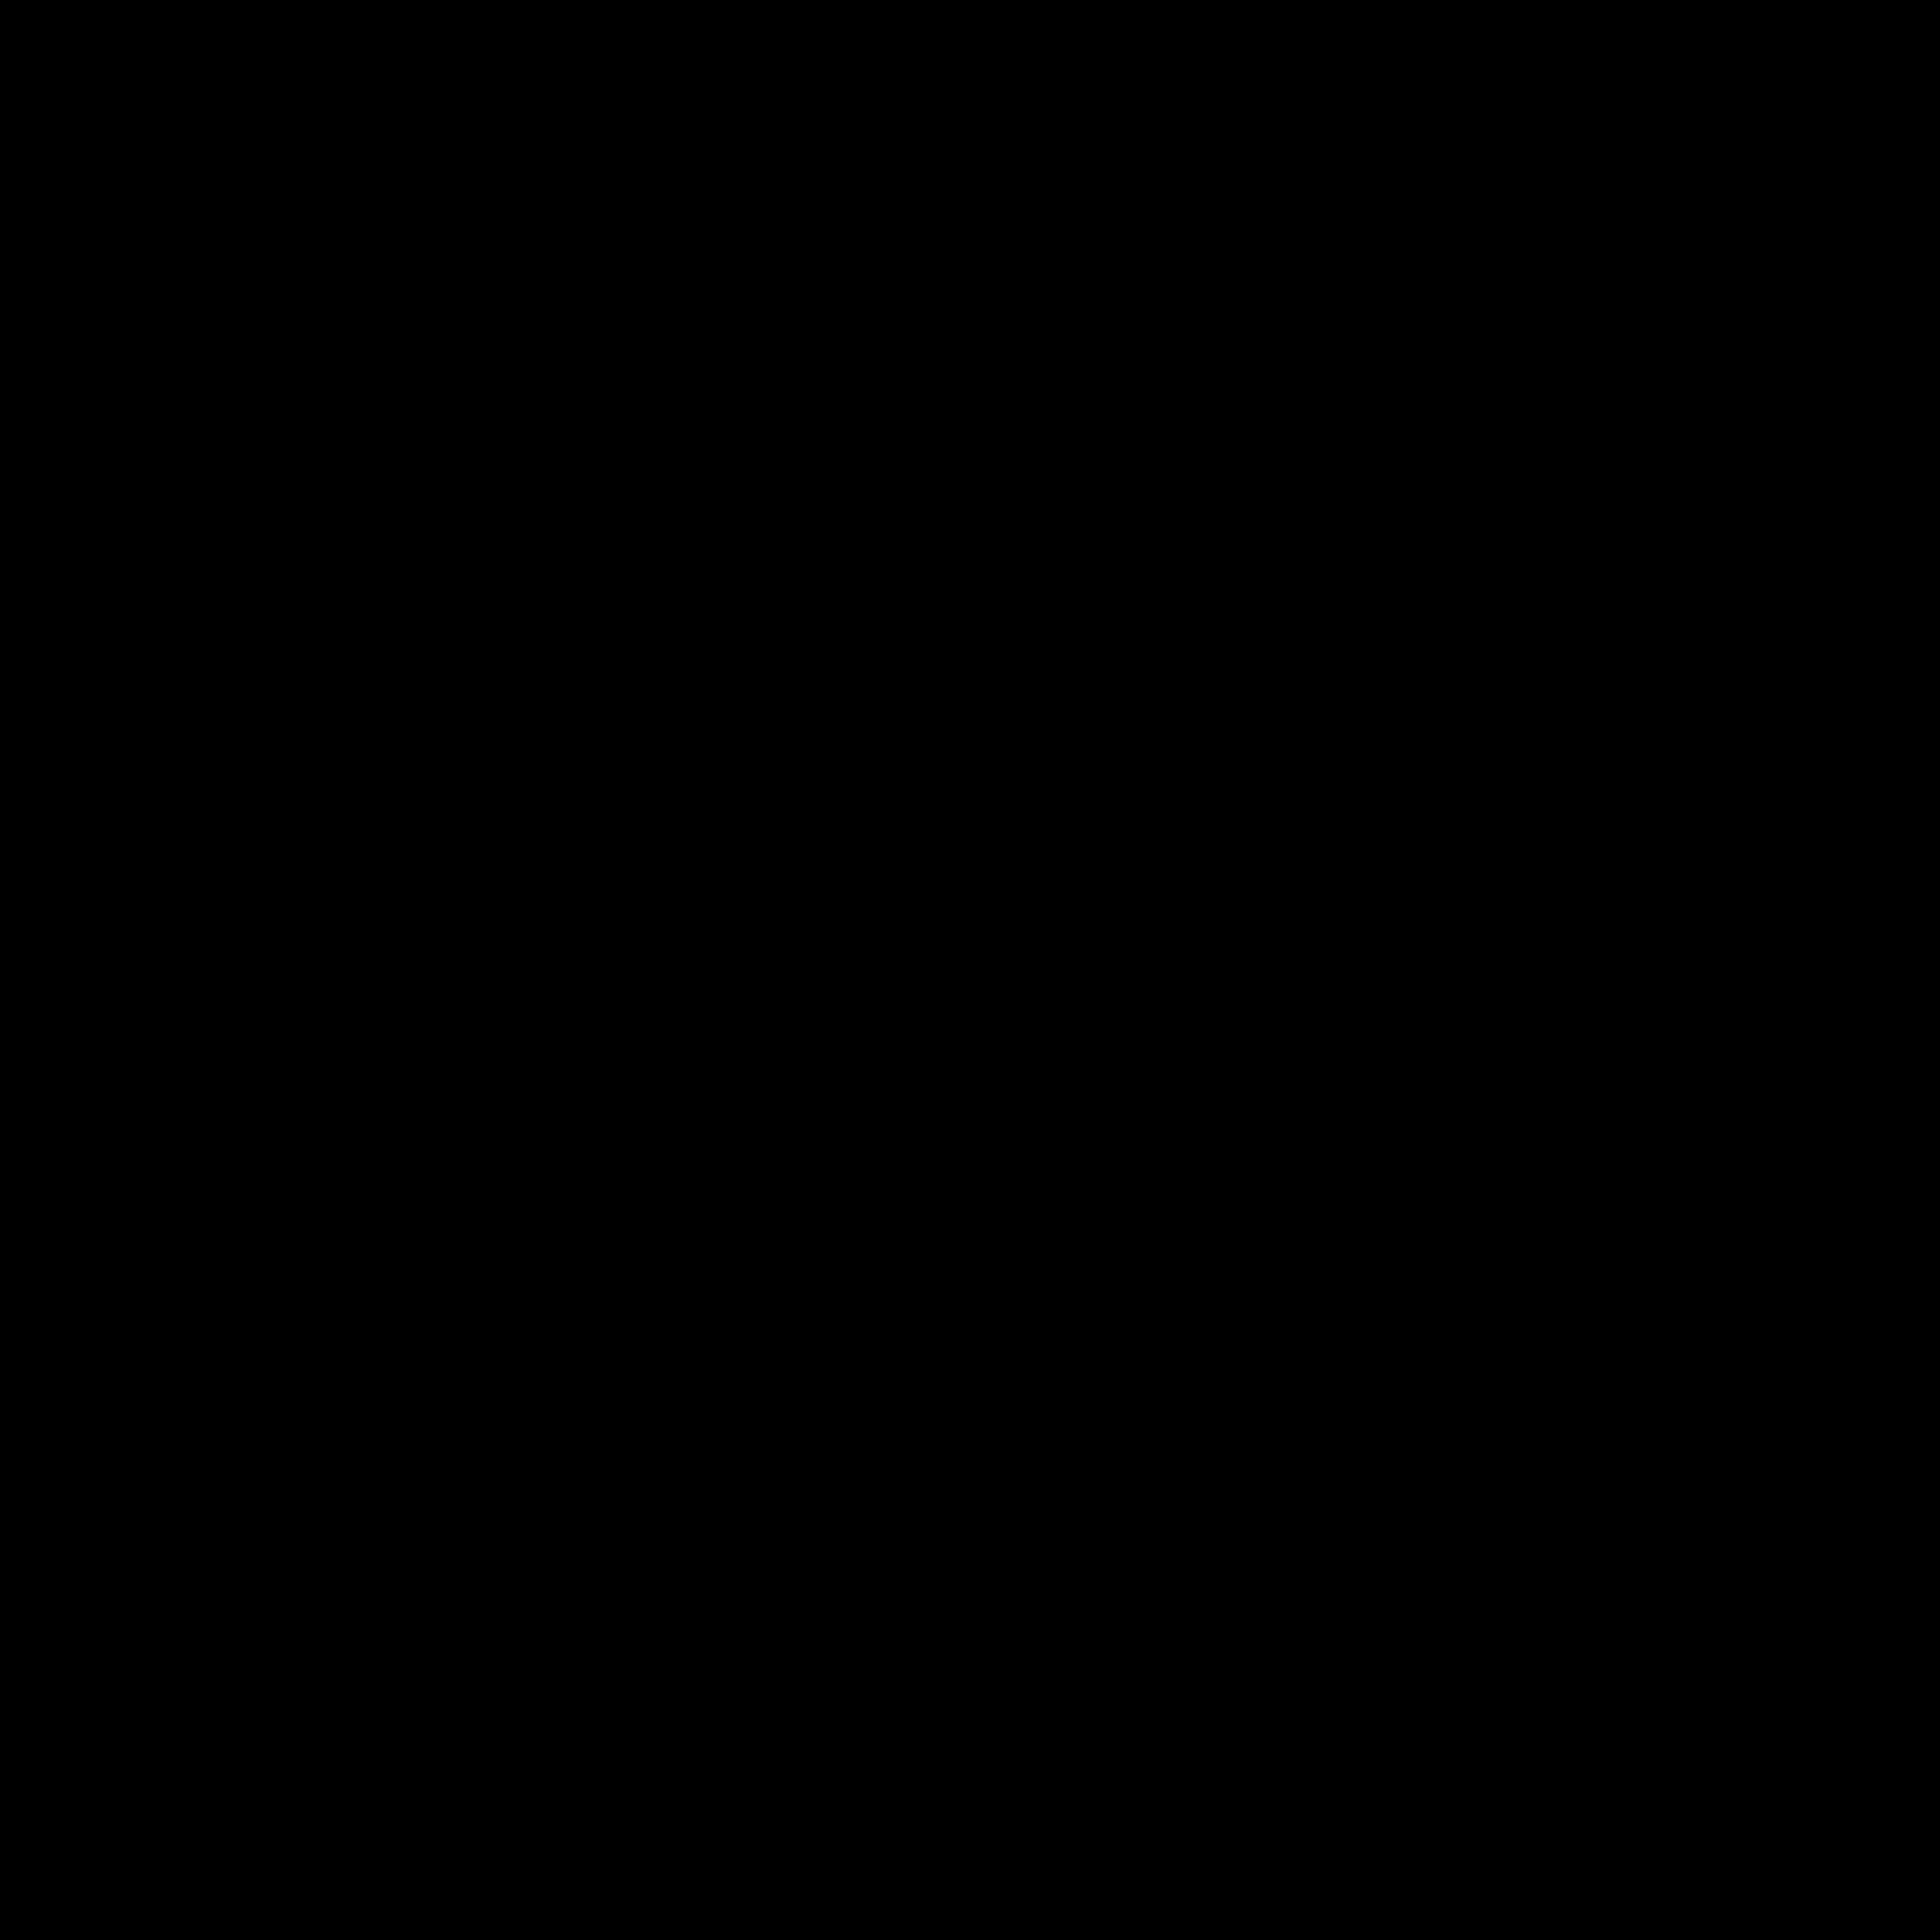 اصفهان نصاب